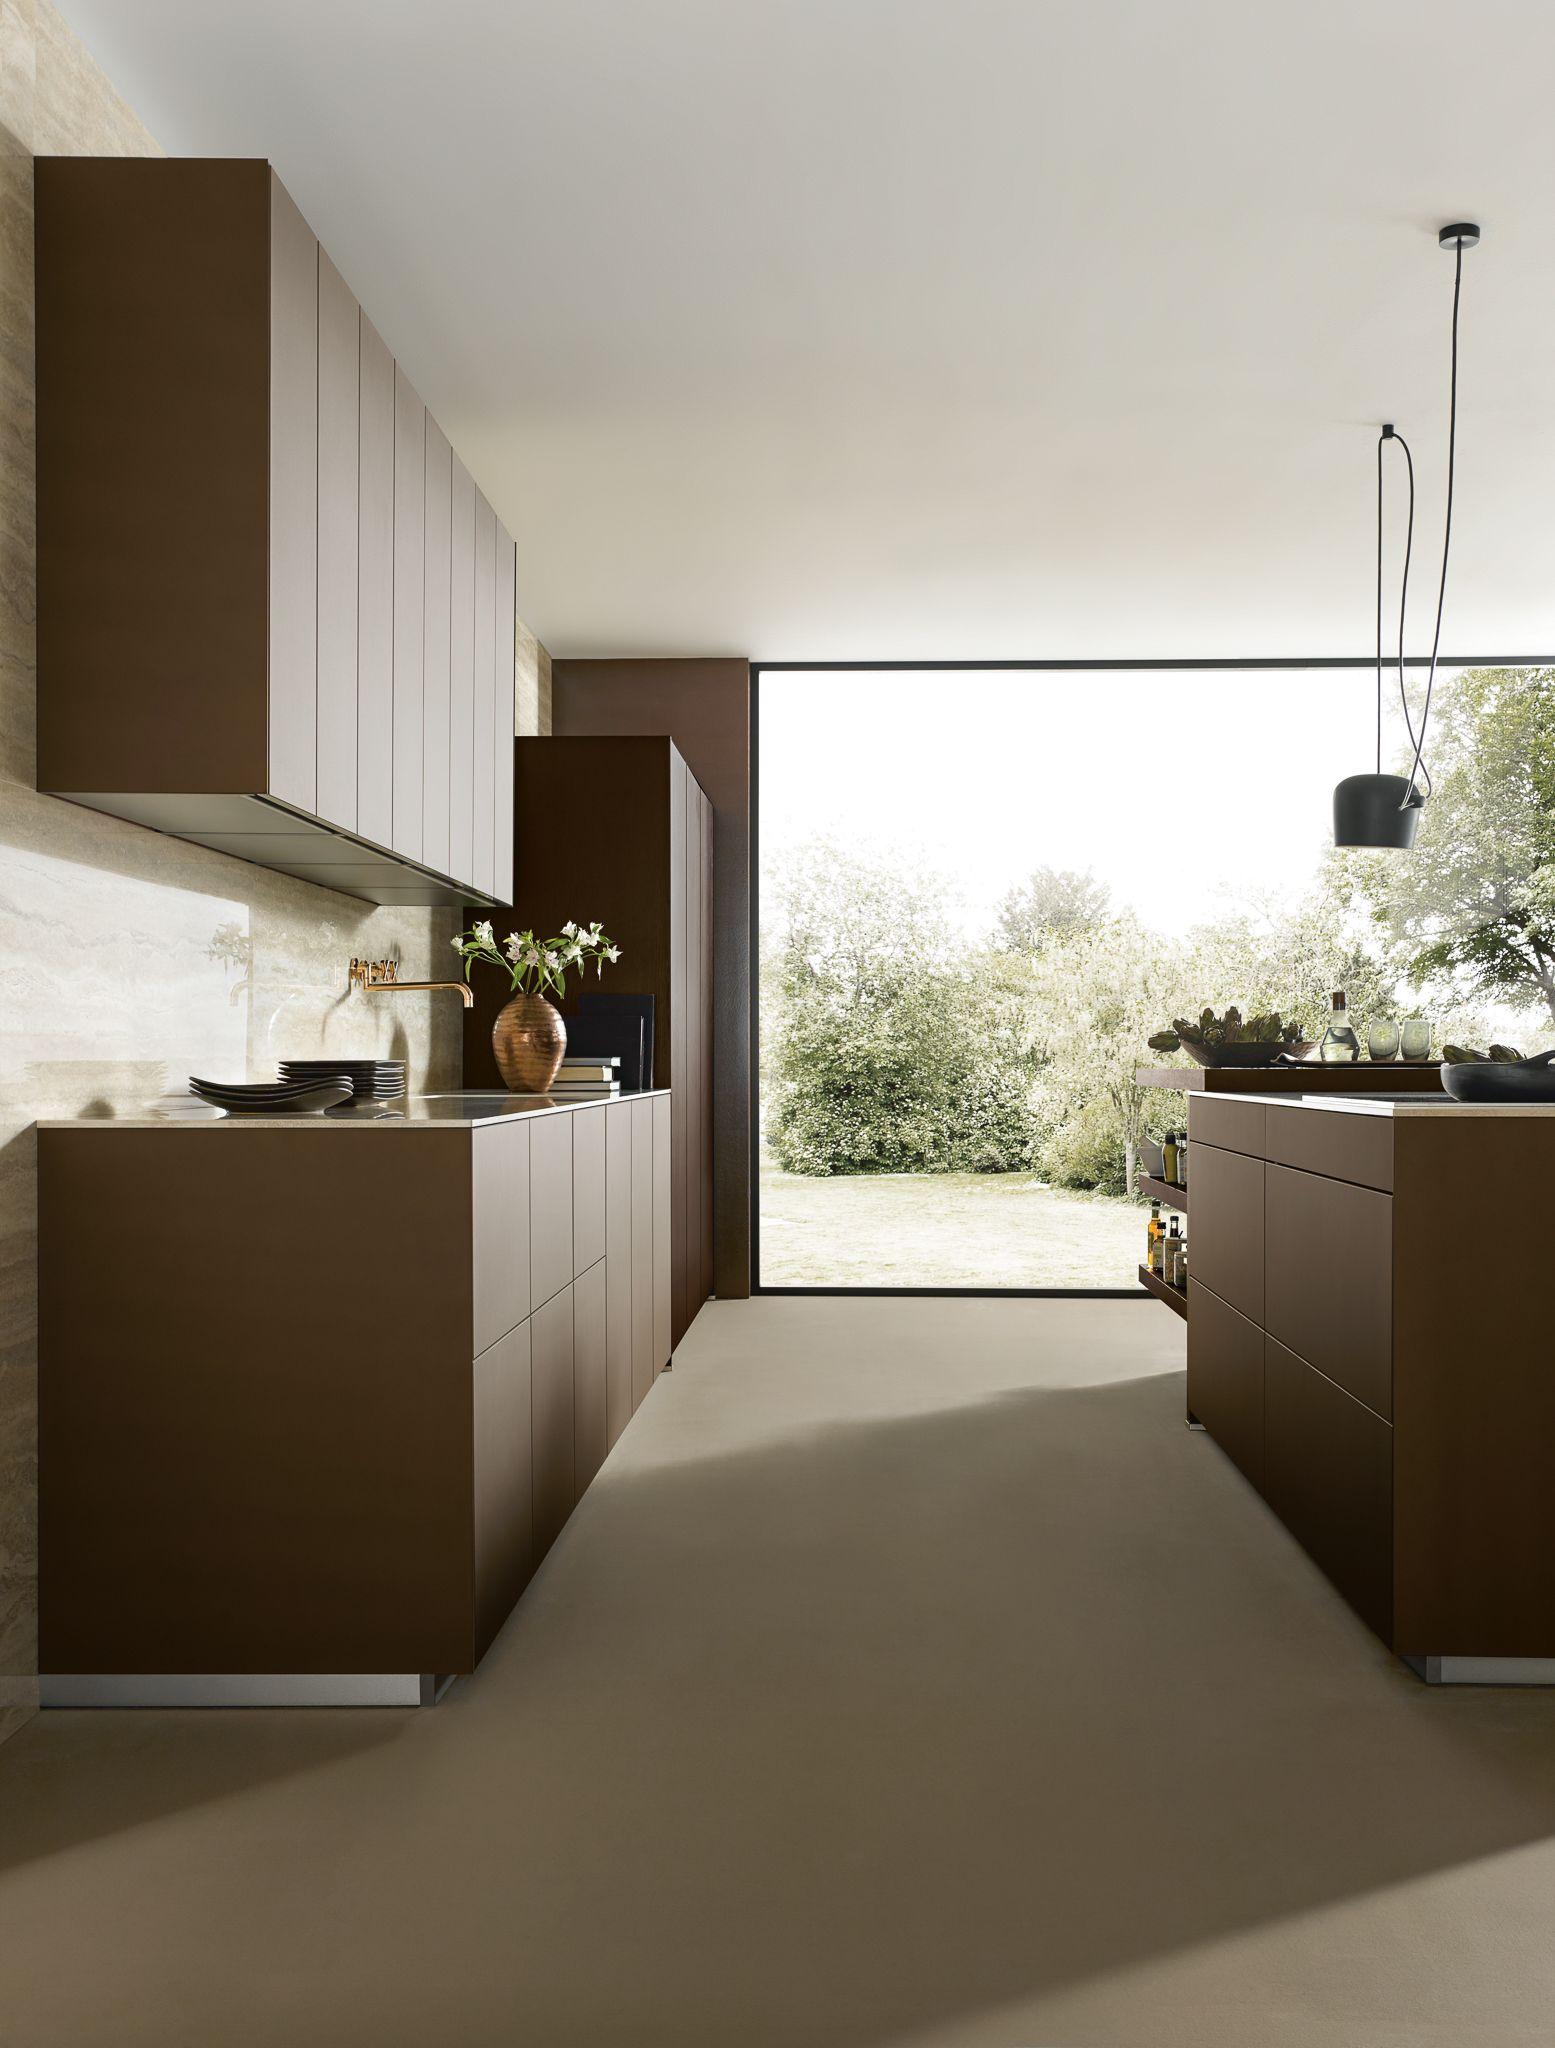 Full Size of Freistehende Küchen Innovation In Der Kche Next125 Designkchen Regal Küche Wohnzimmer Freistehende Küchen